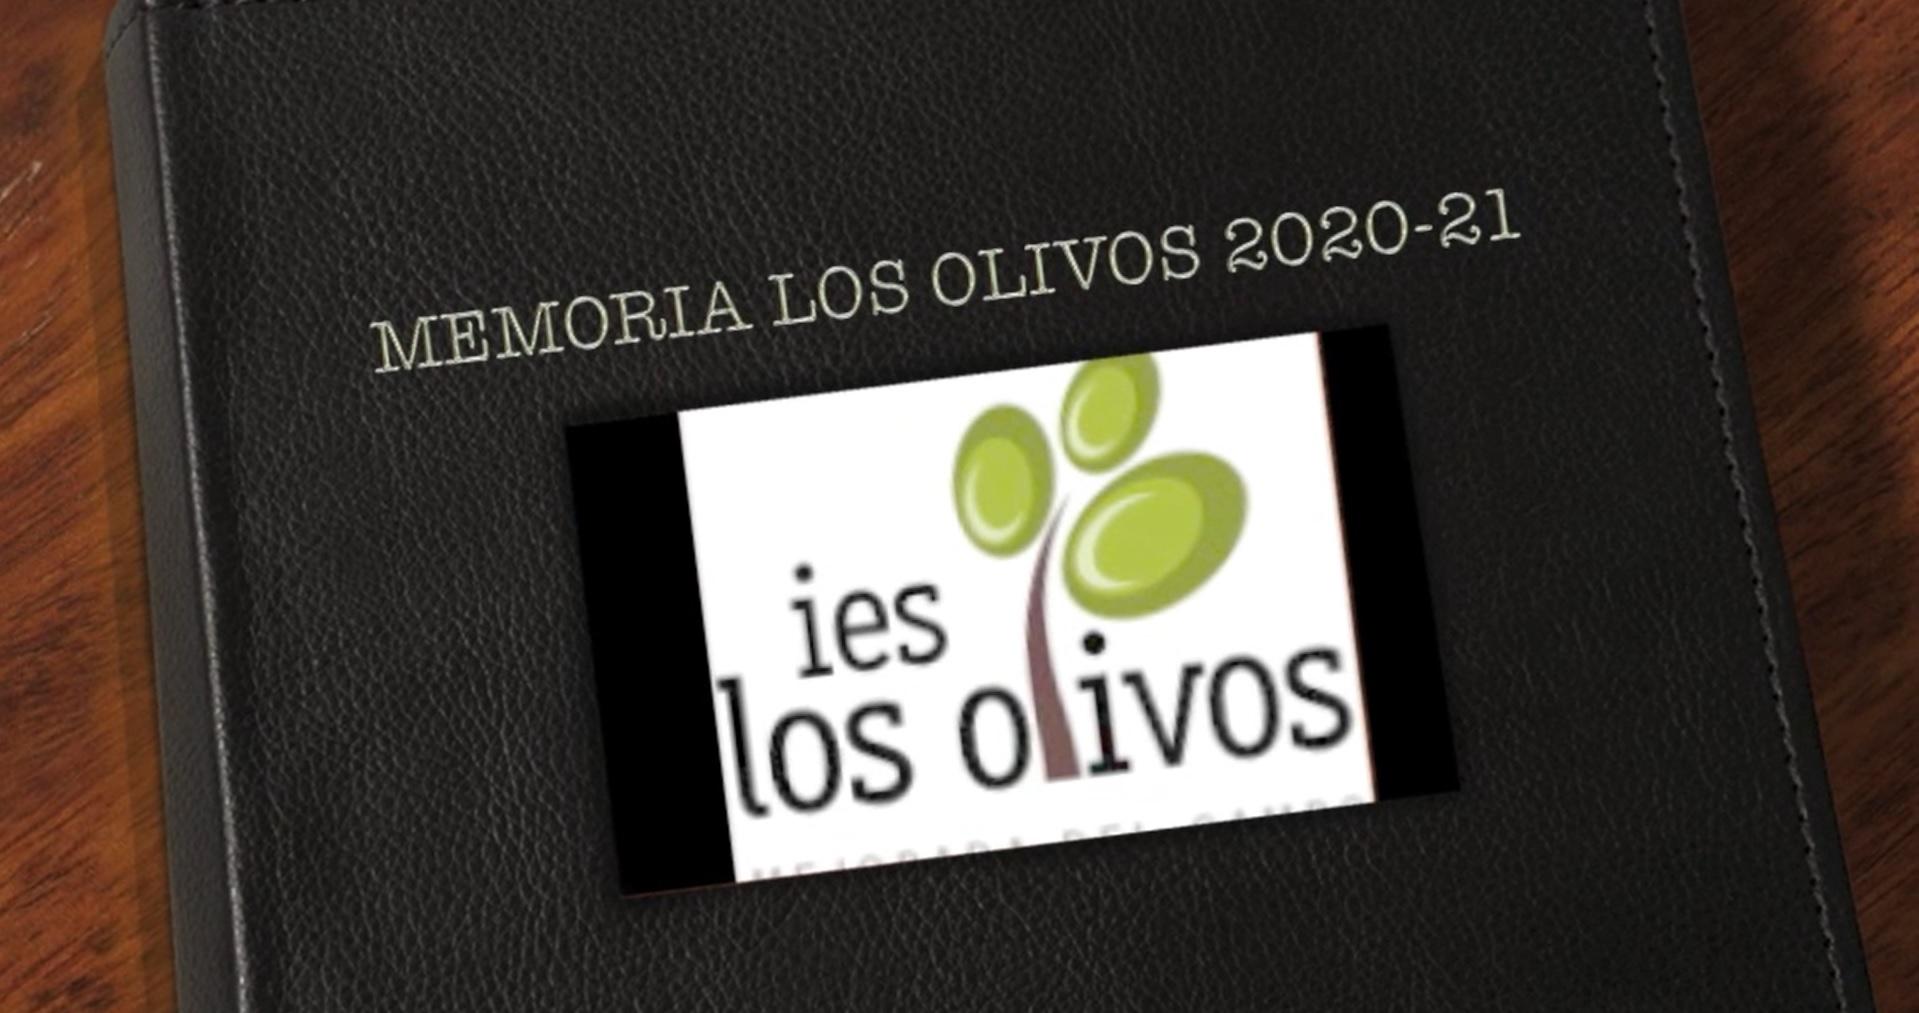 MEMORIA LOS OLIVOS CURSO 20/21. AGRADECIMIENTOS